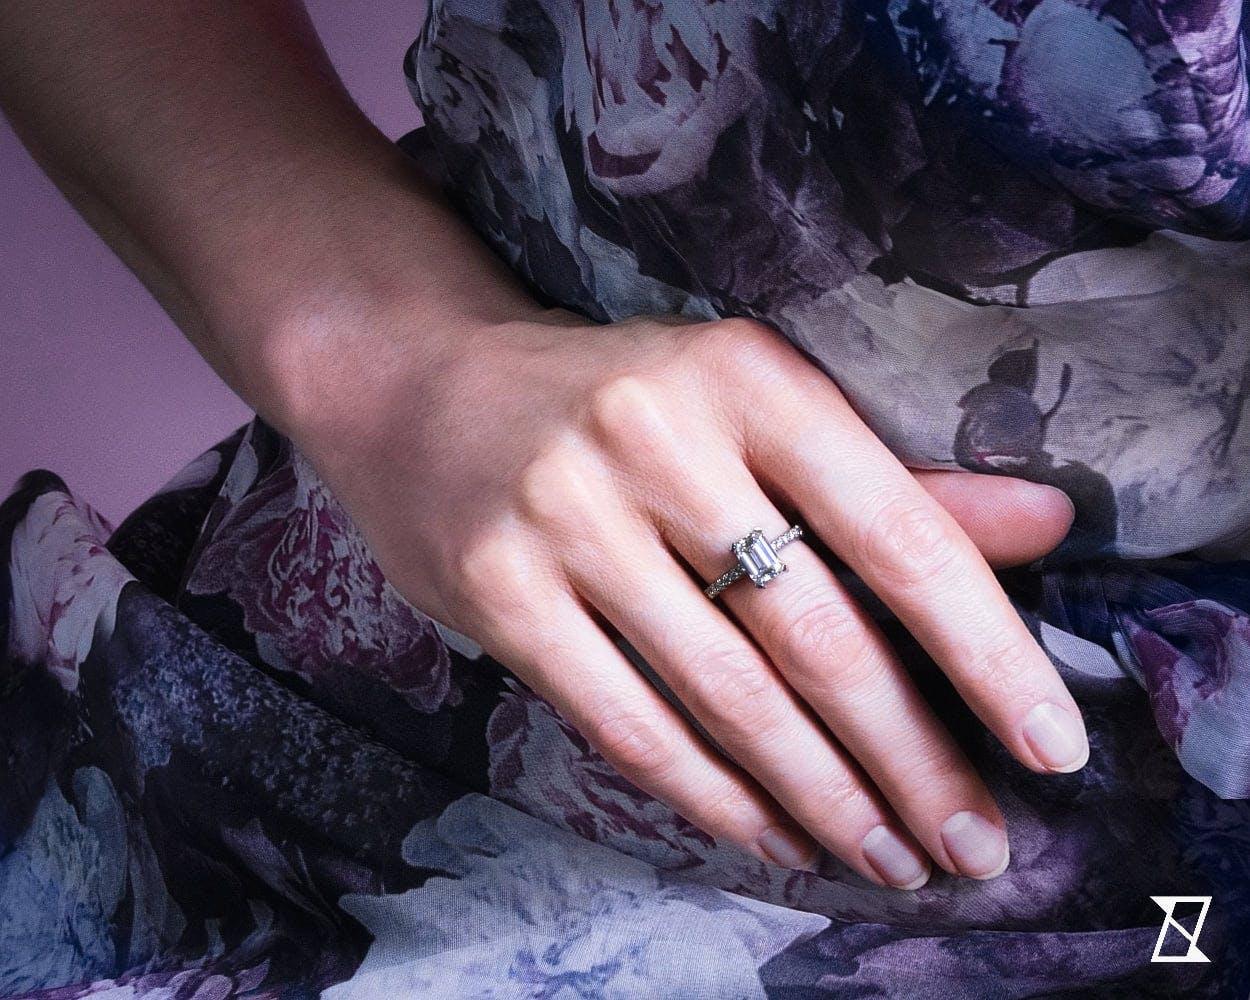 Pierścionek z diamentem 2.5 ct na dłoni modelki.